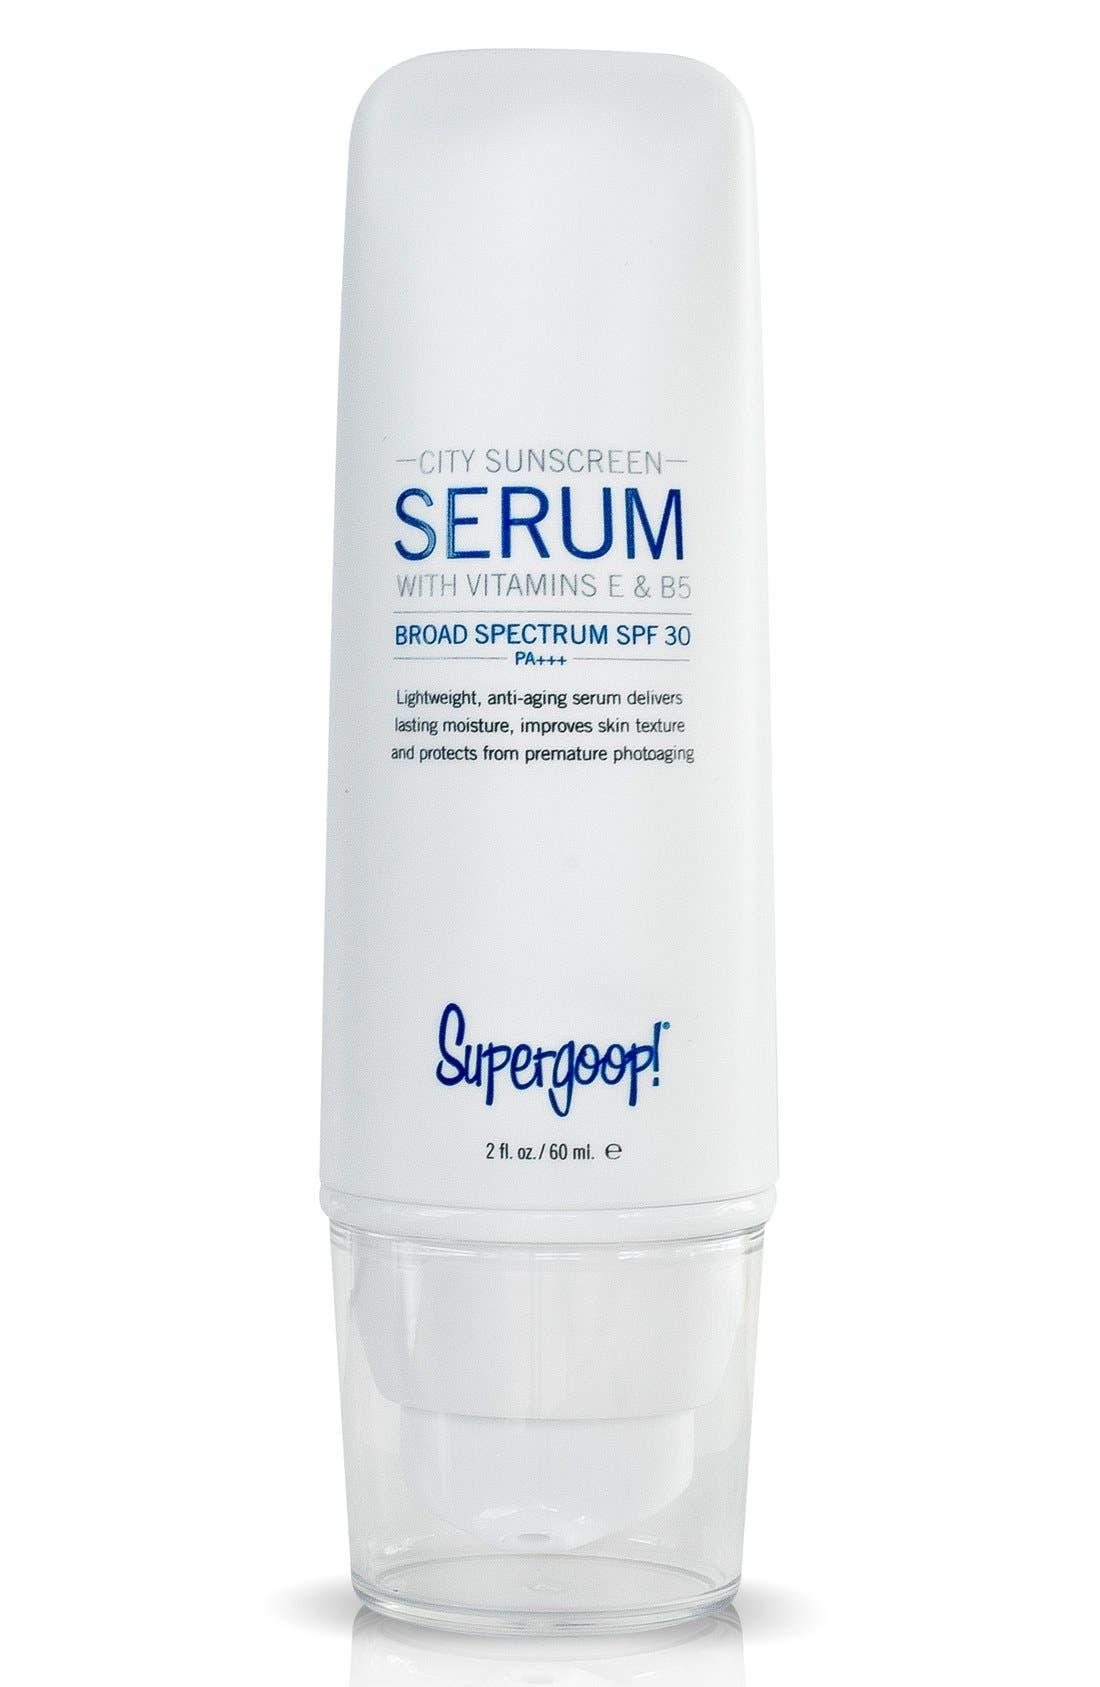 Supergoop! 'City Sunscreen' Serum SPF 30+ PA+++,                         Main,                         color, NO COLOR